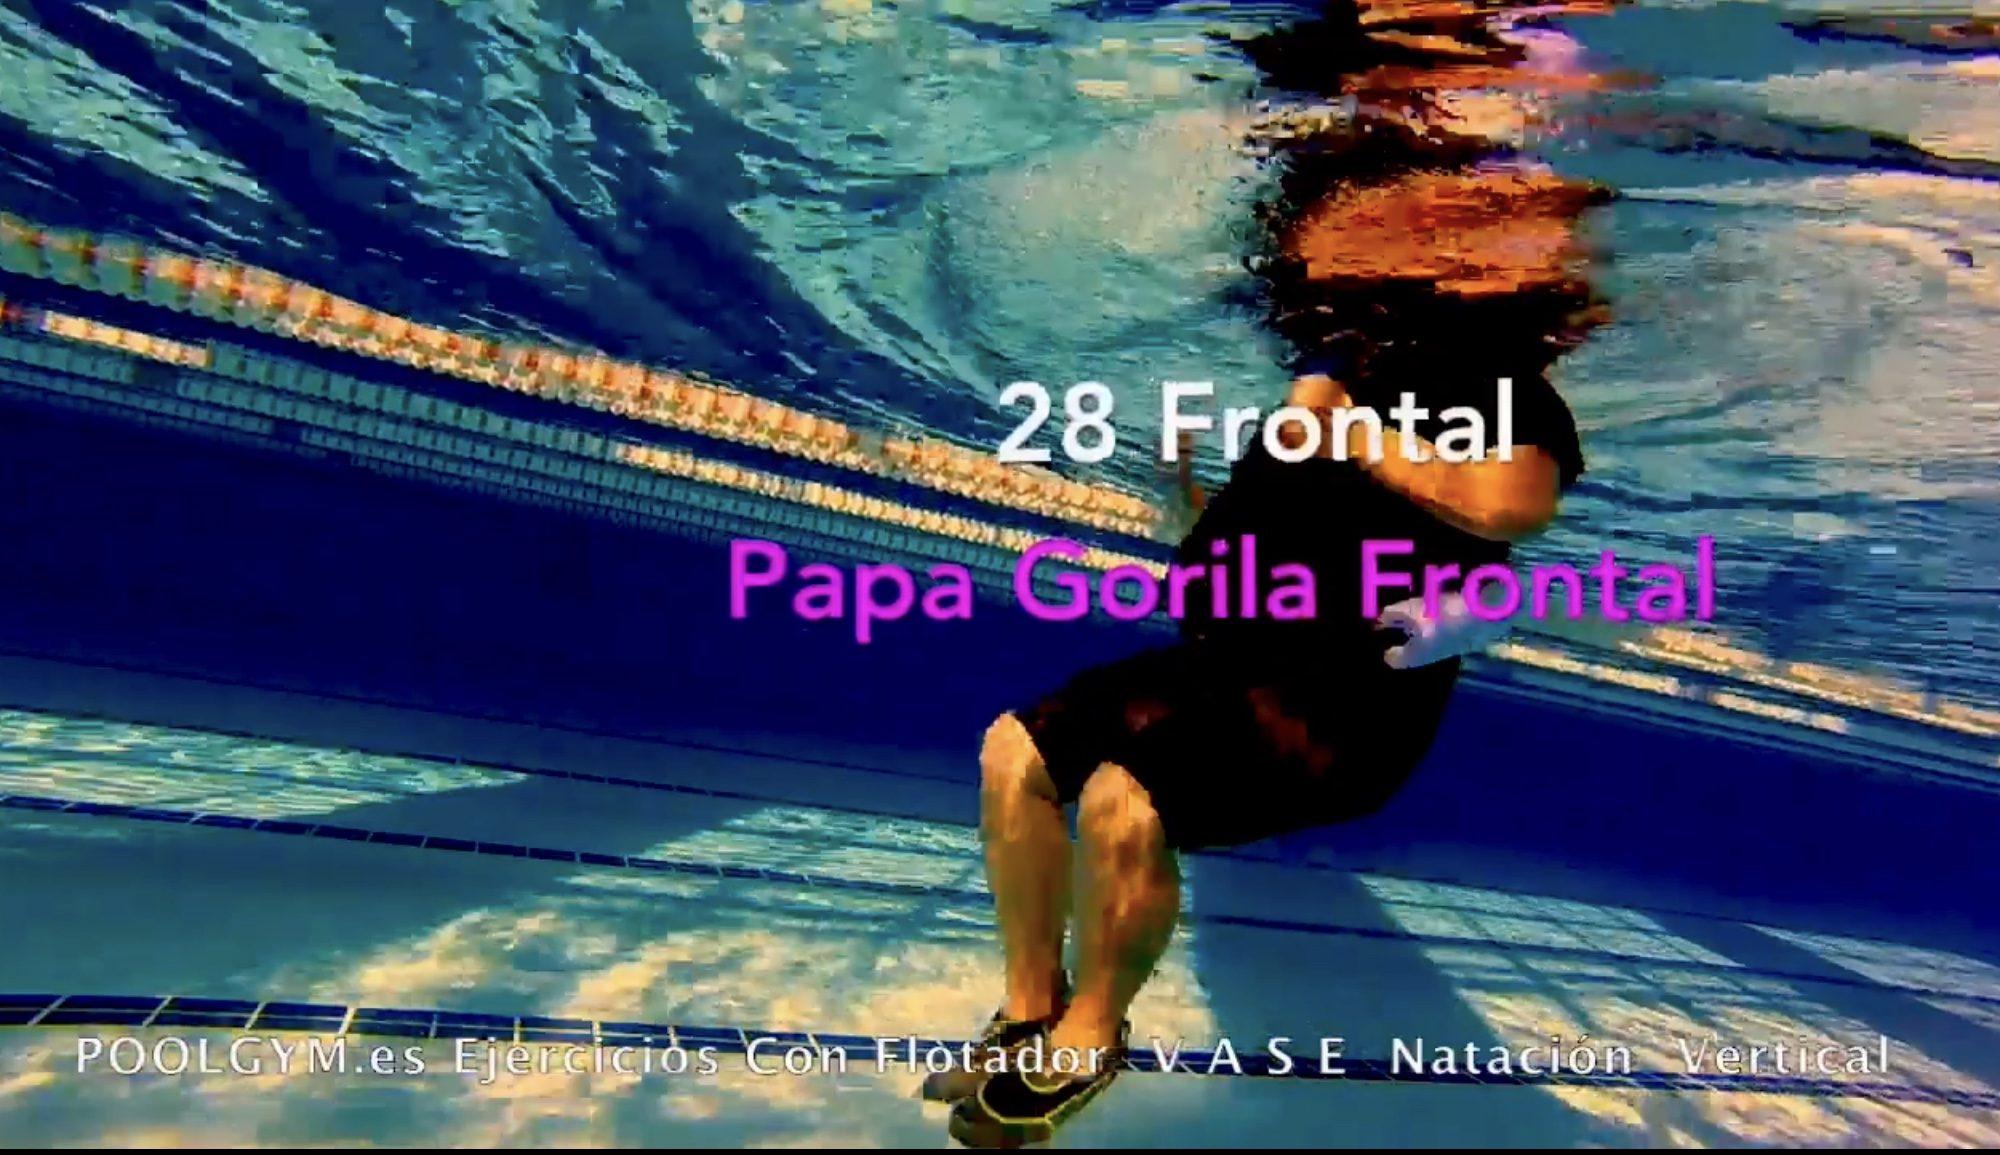 28 Frontal PAPA GORILA poolgym.ES